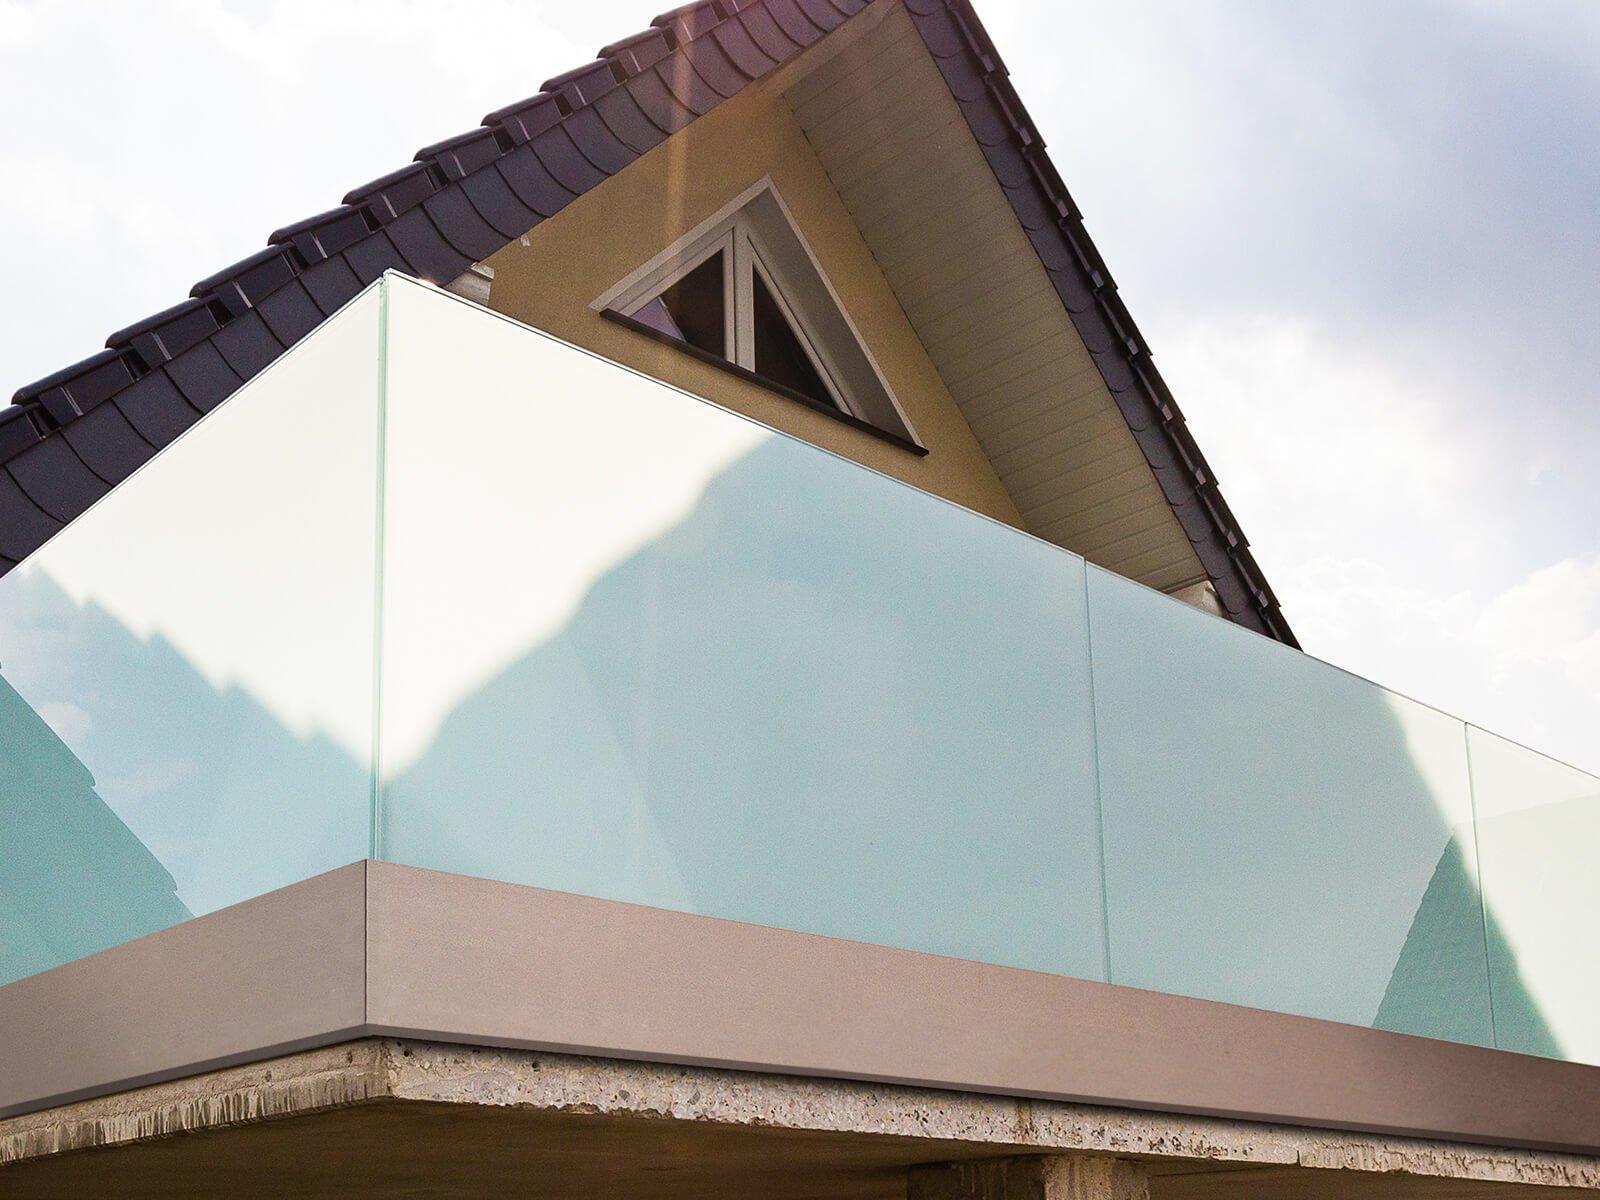 Glasgeländer Variante als moderne Absturzsicherung für den Balkon